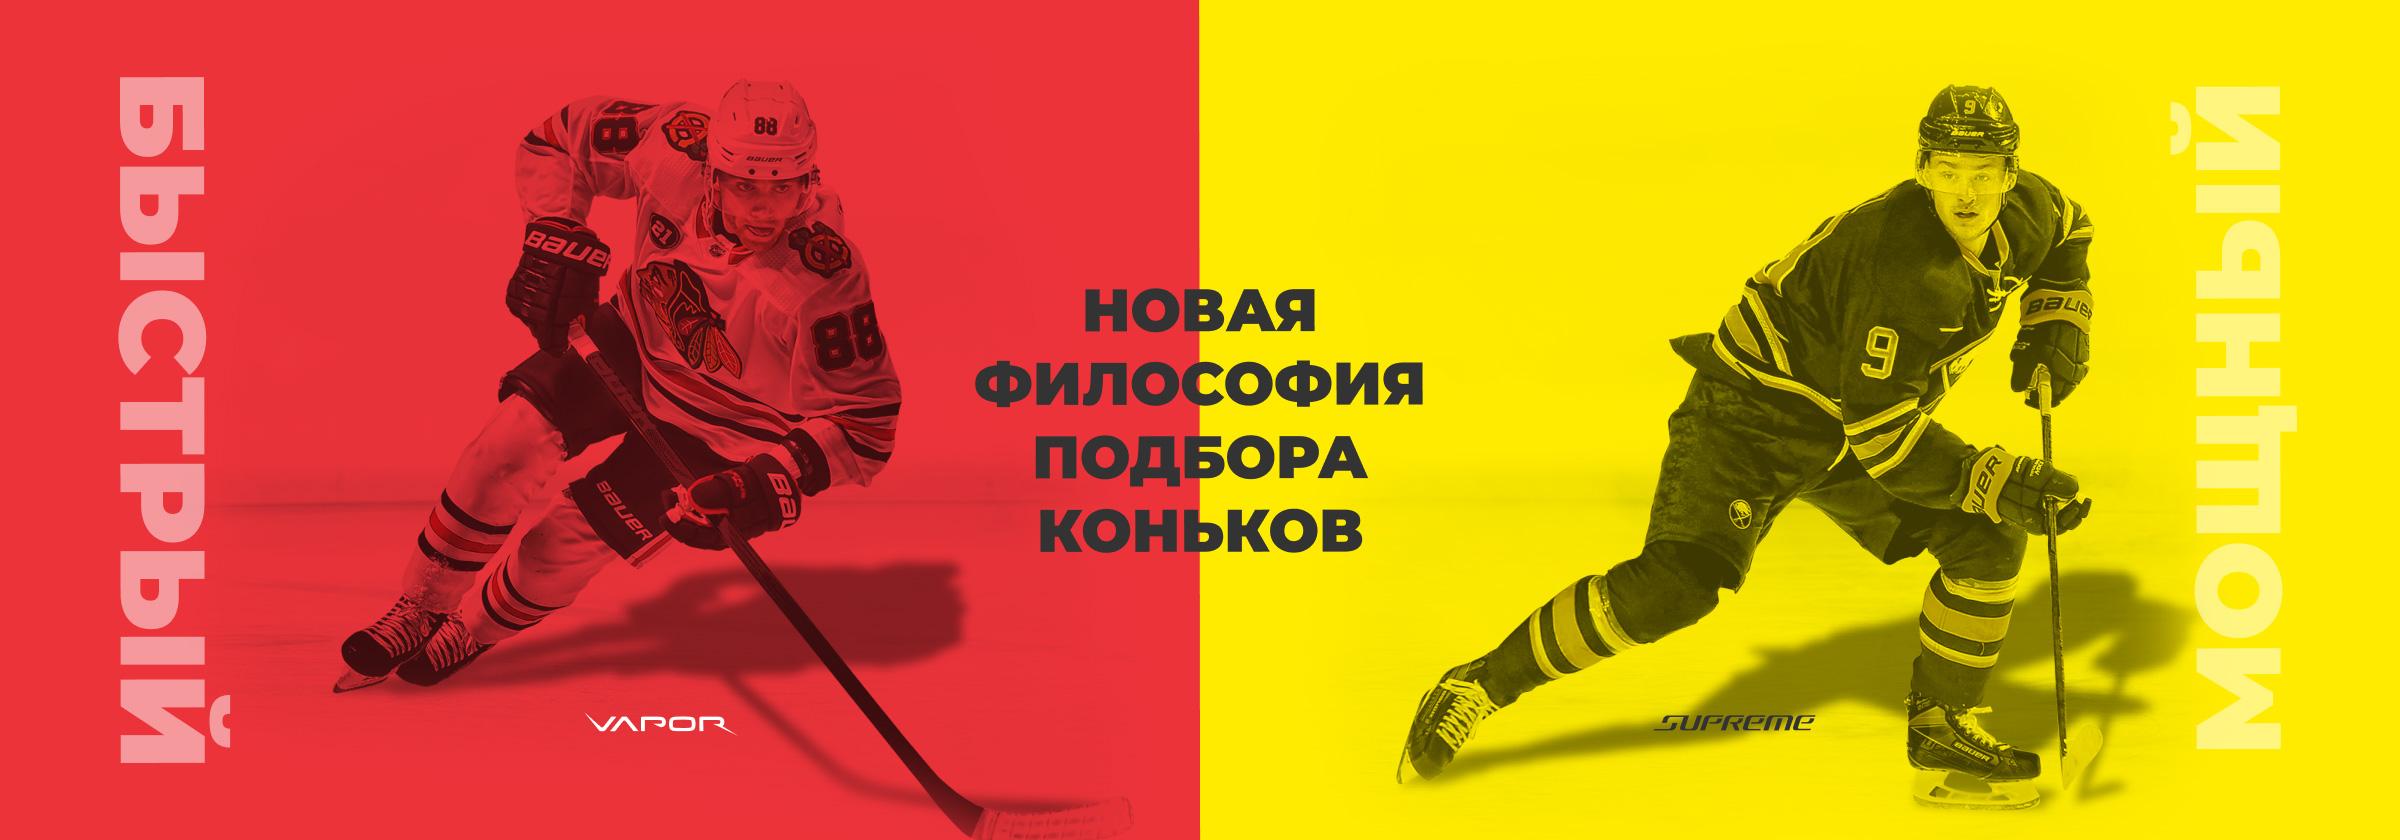 Mybauer Ru Интернет Магазин Спортивной Экипировки Отзывы